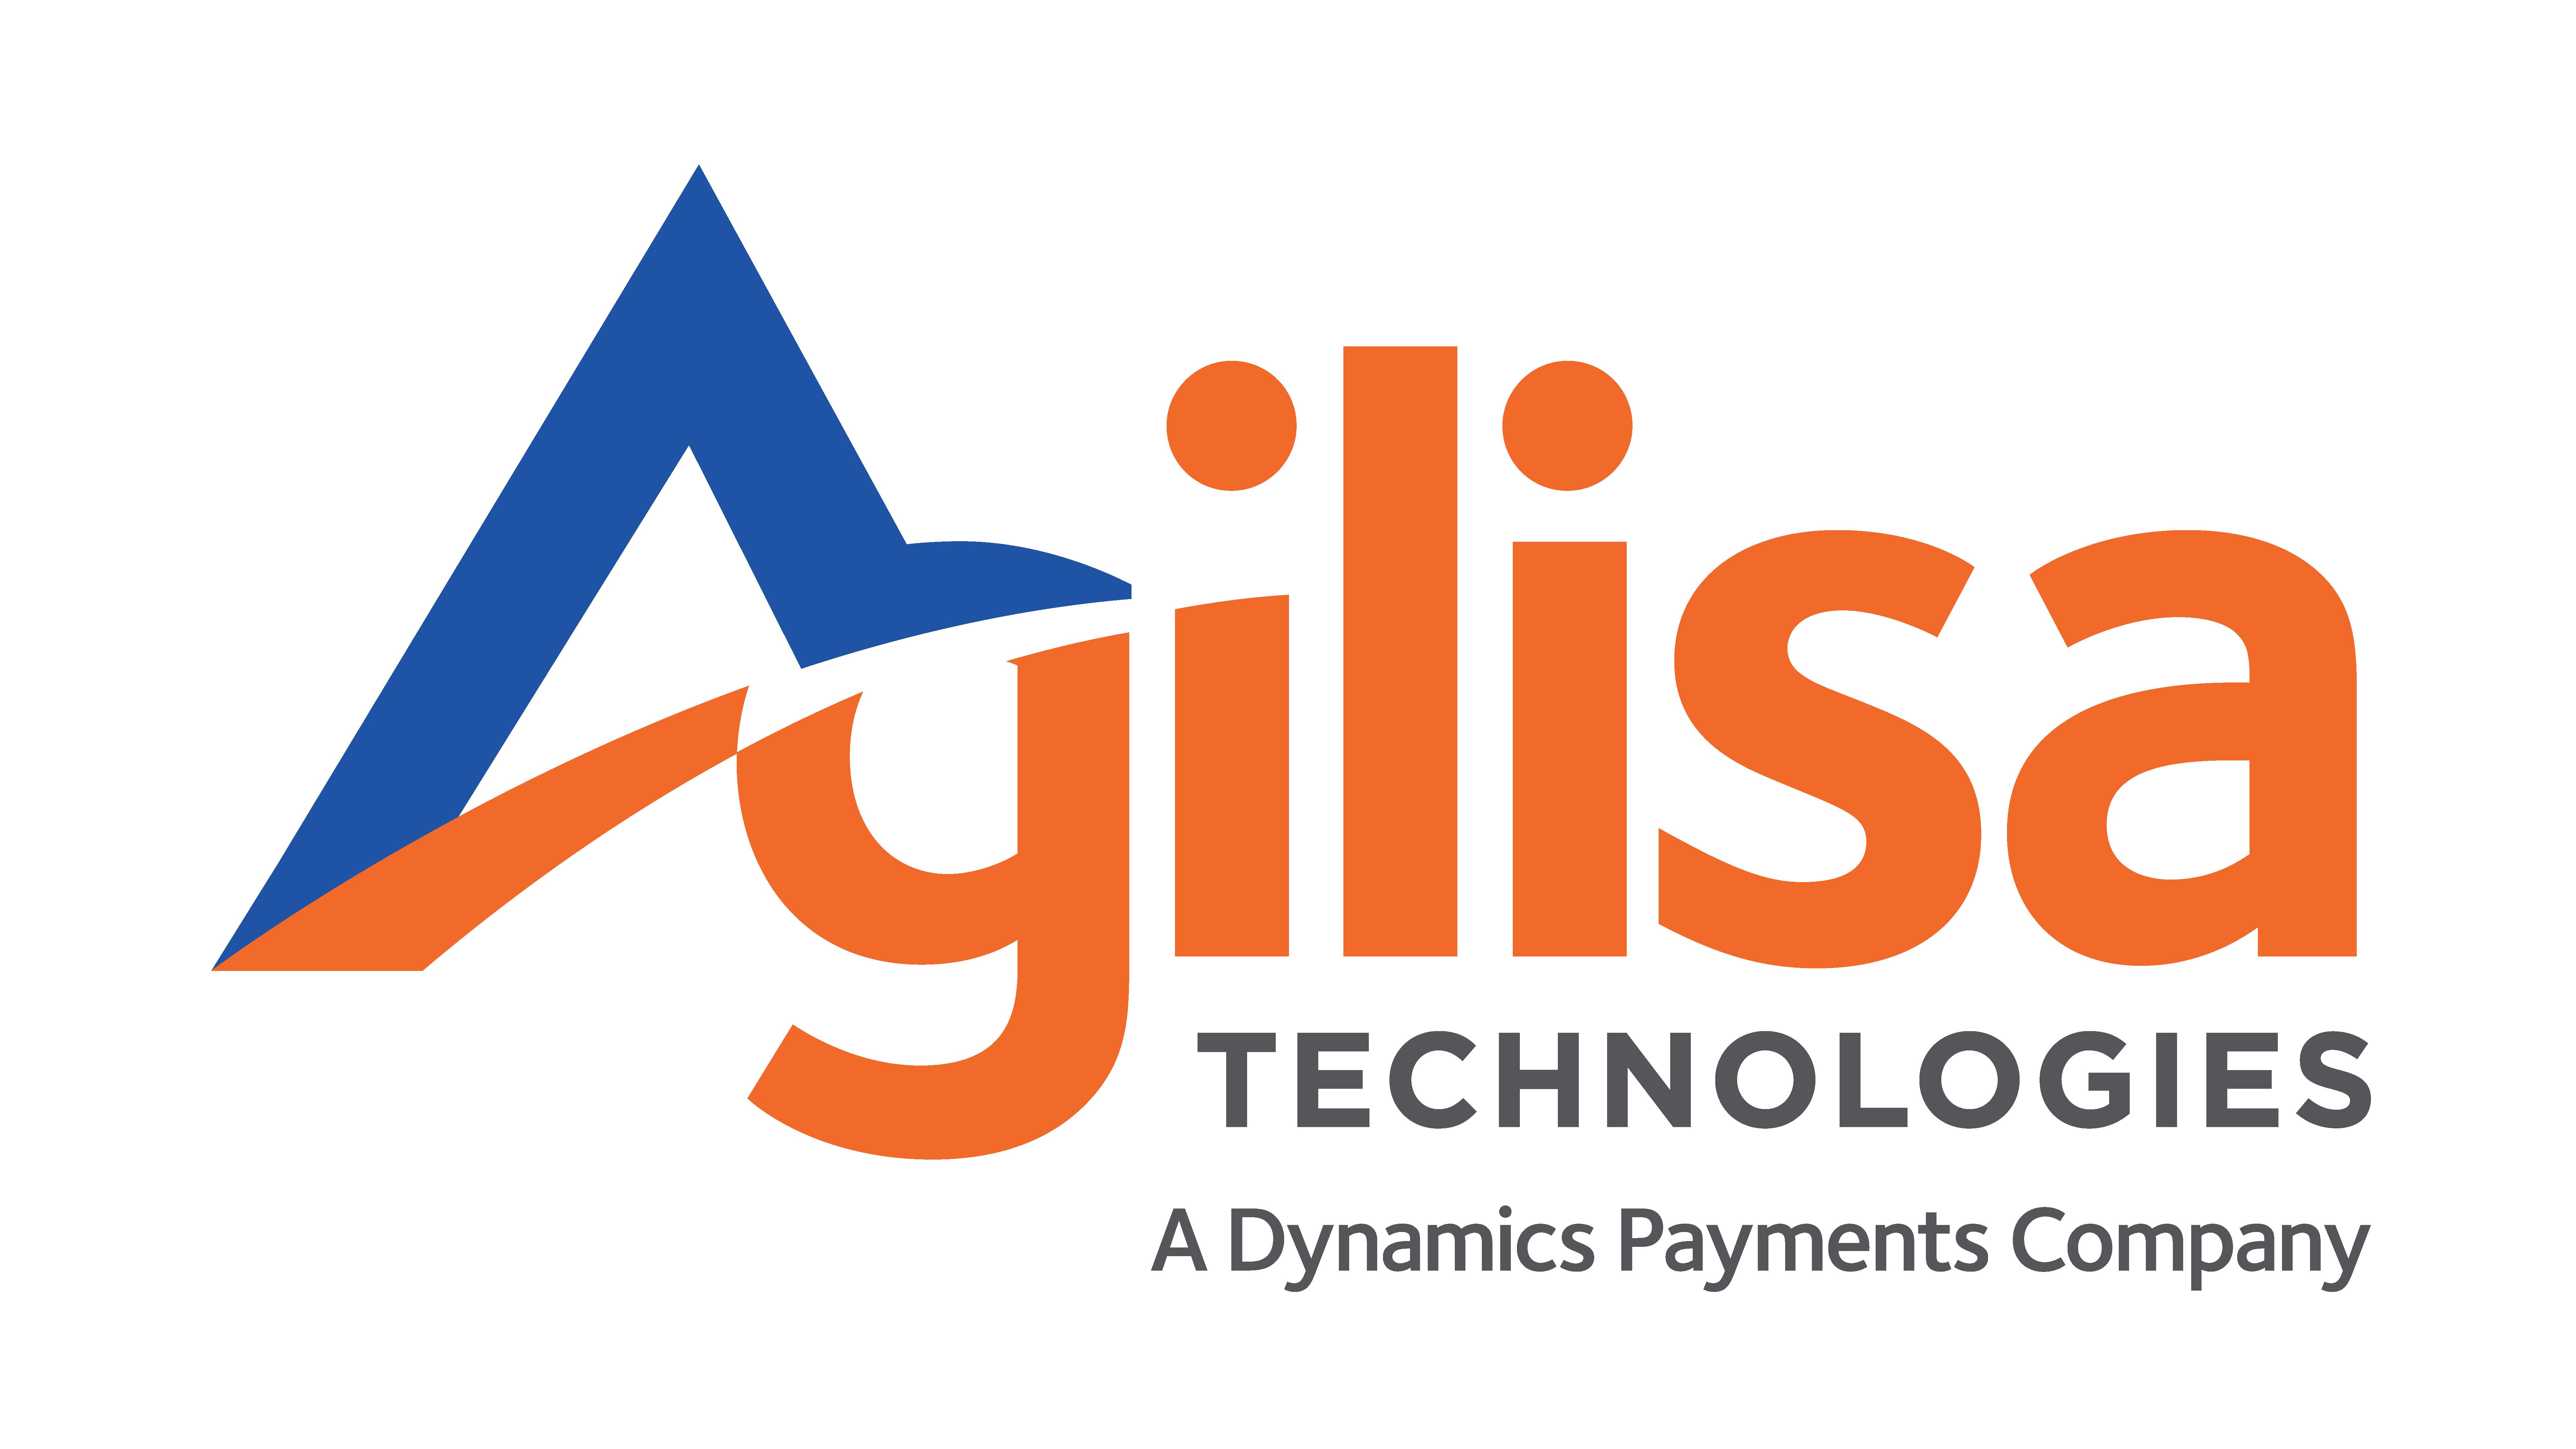 Agilisa Technologies